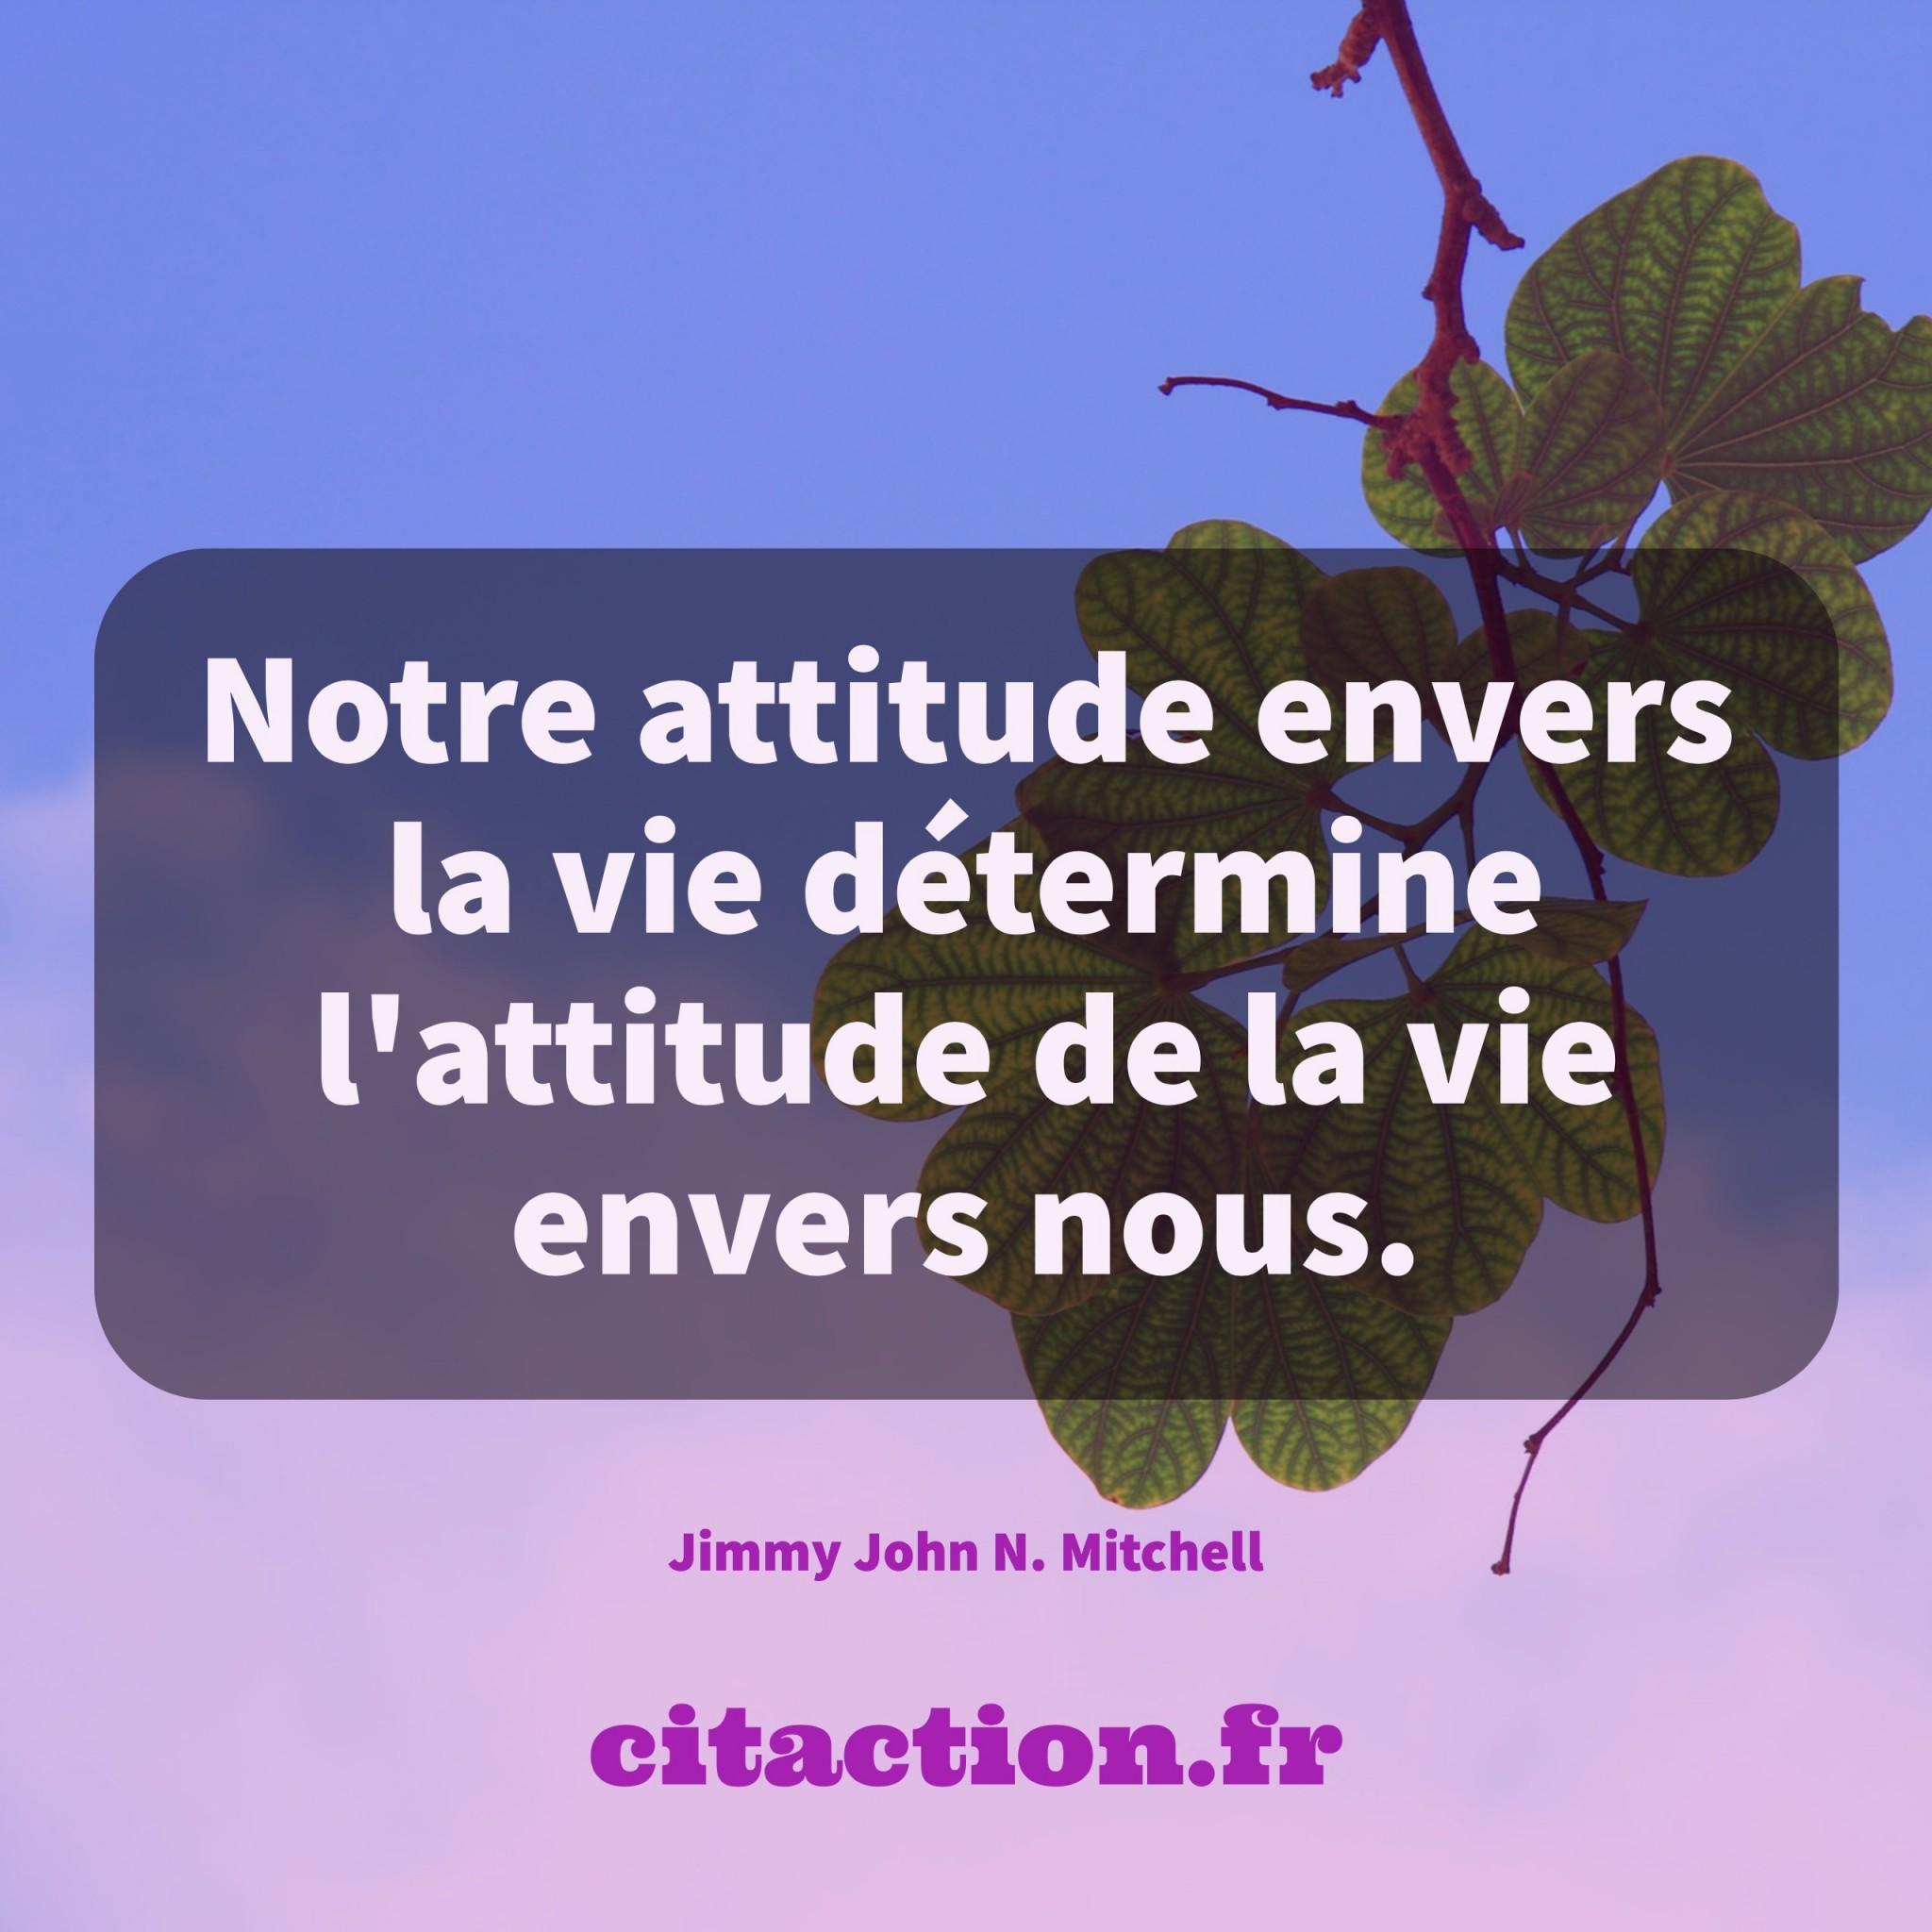 Notre attitude envers la vie détermine l'attitude de la vie envers nous.